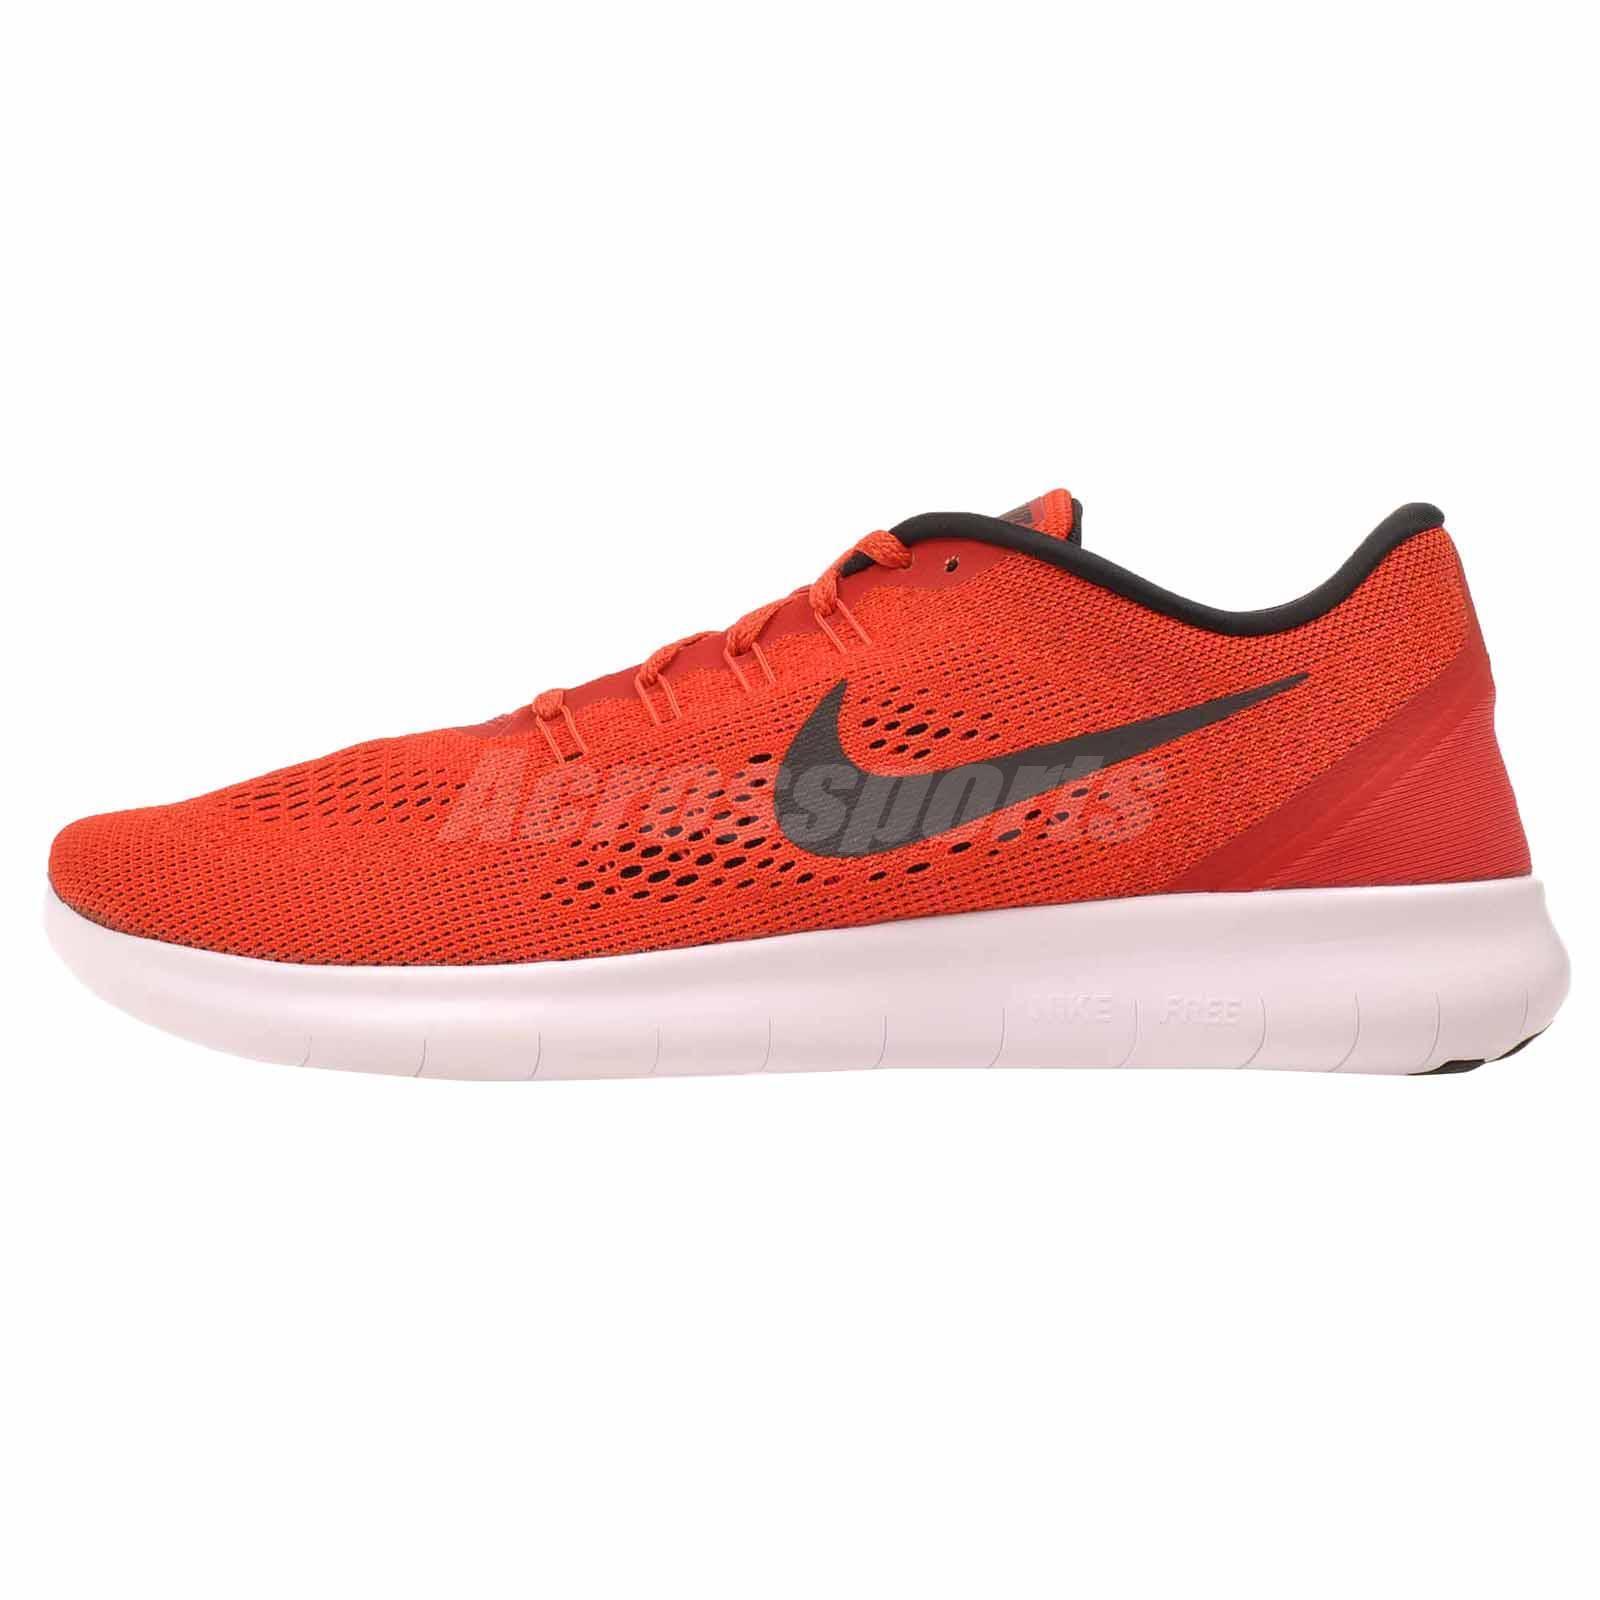 Nike free rn laufen männer 831508-600 universität rote schuhe